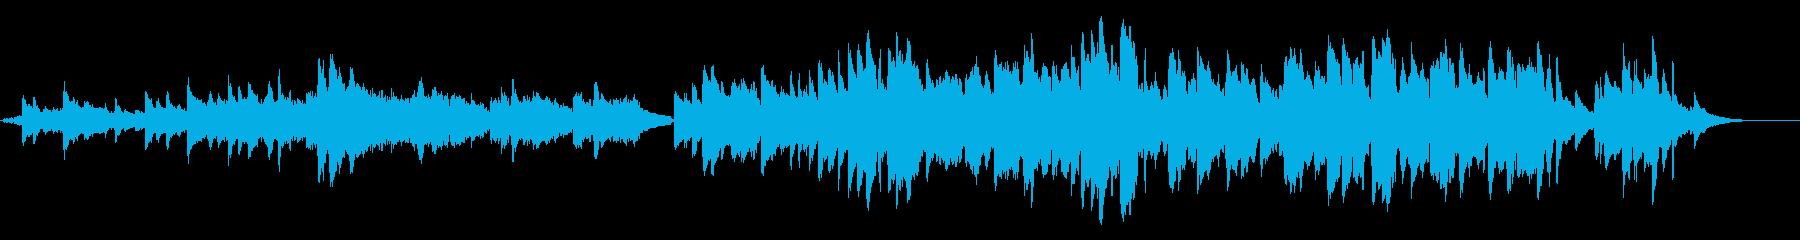 アイリッシュ系の穏やかでゆったりした曲の再生済みの波形